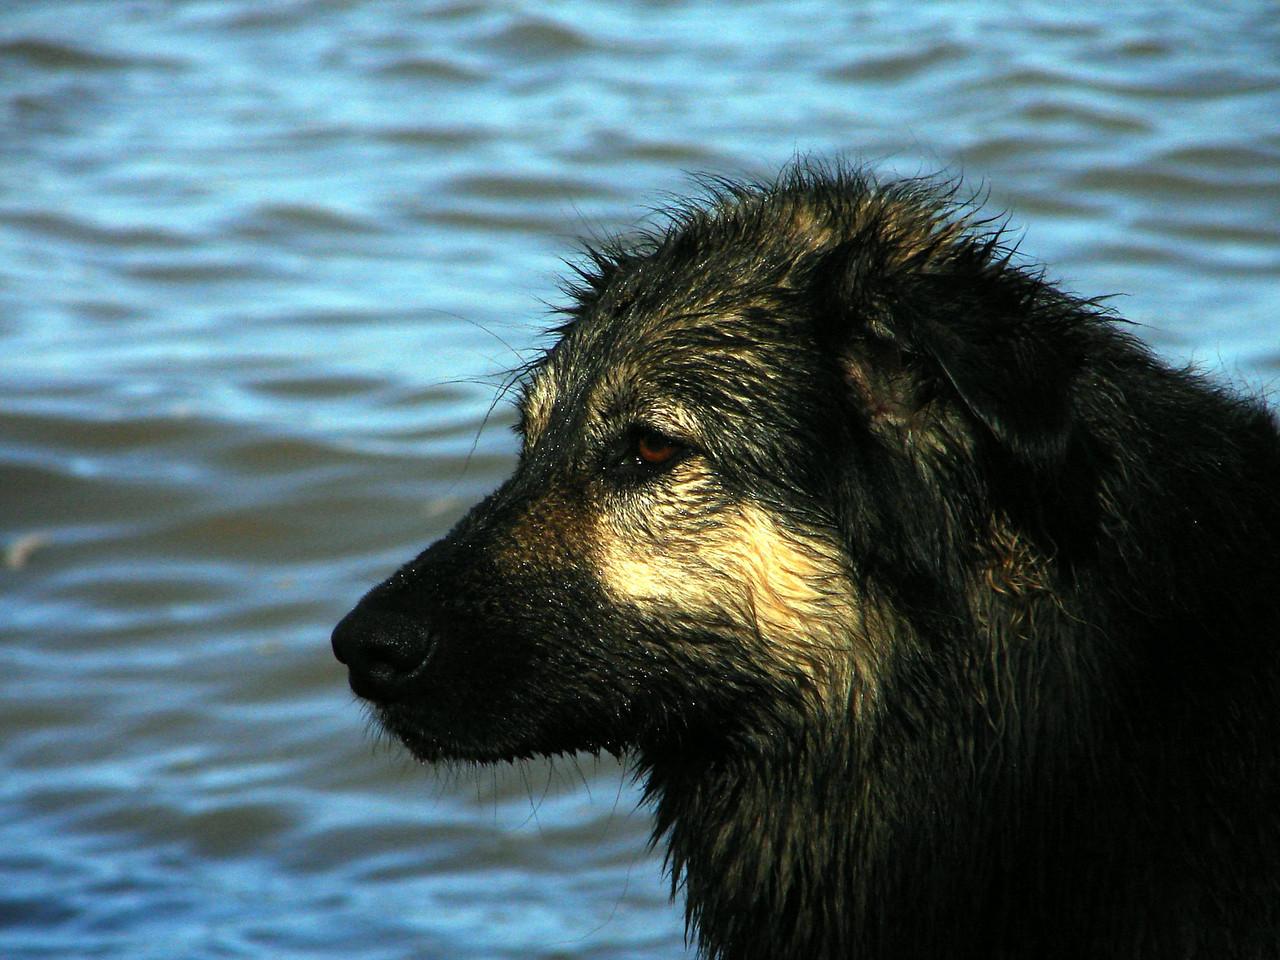 Wet dog...tired dog